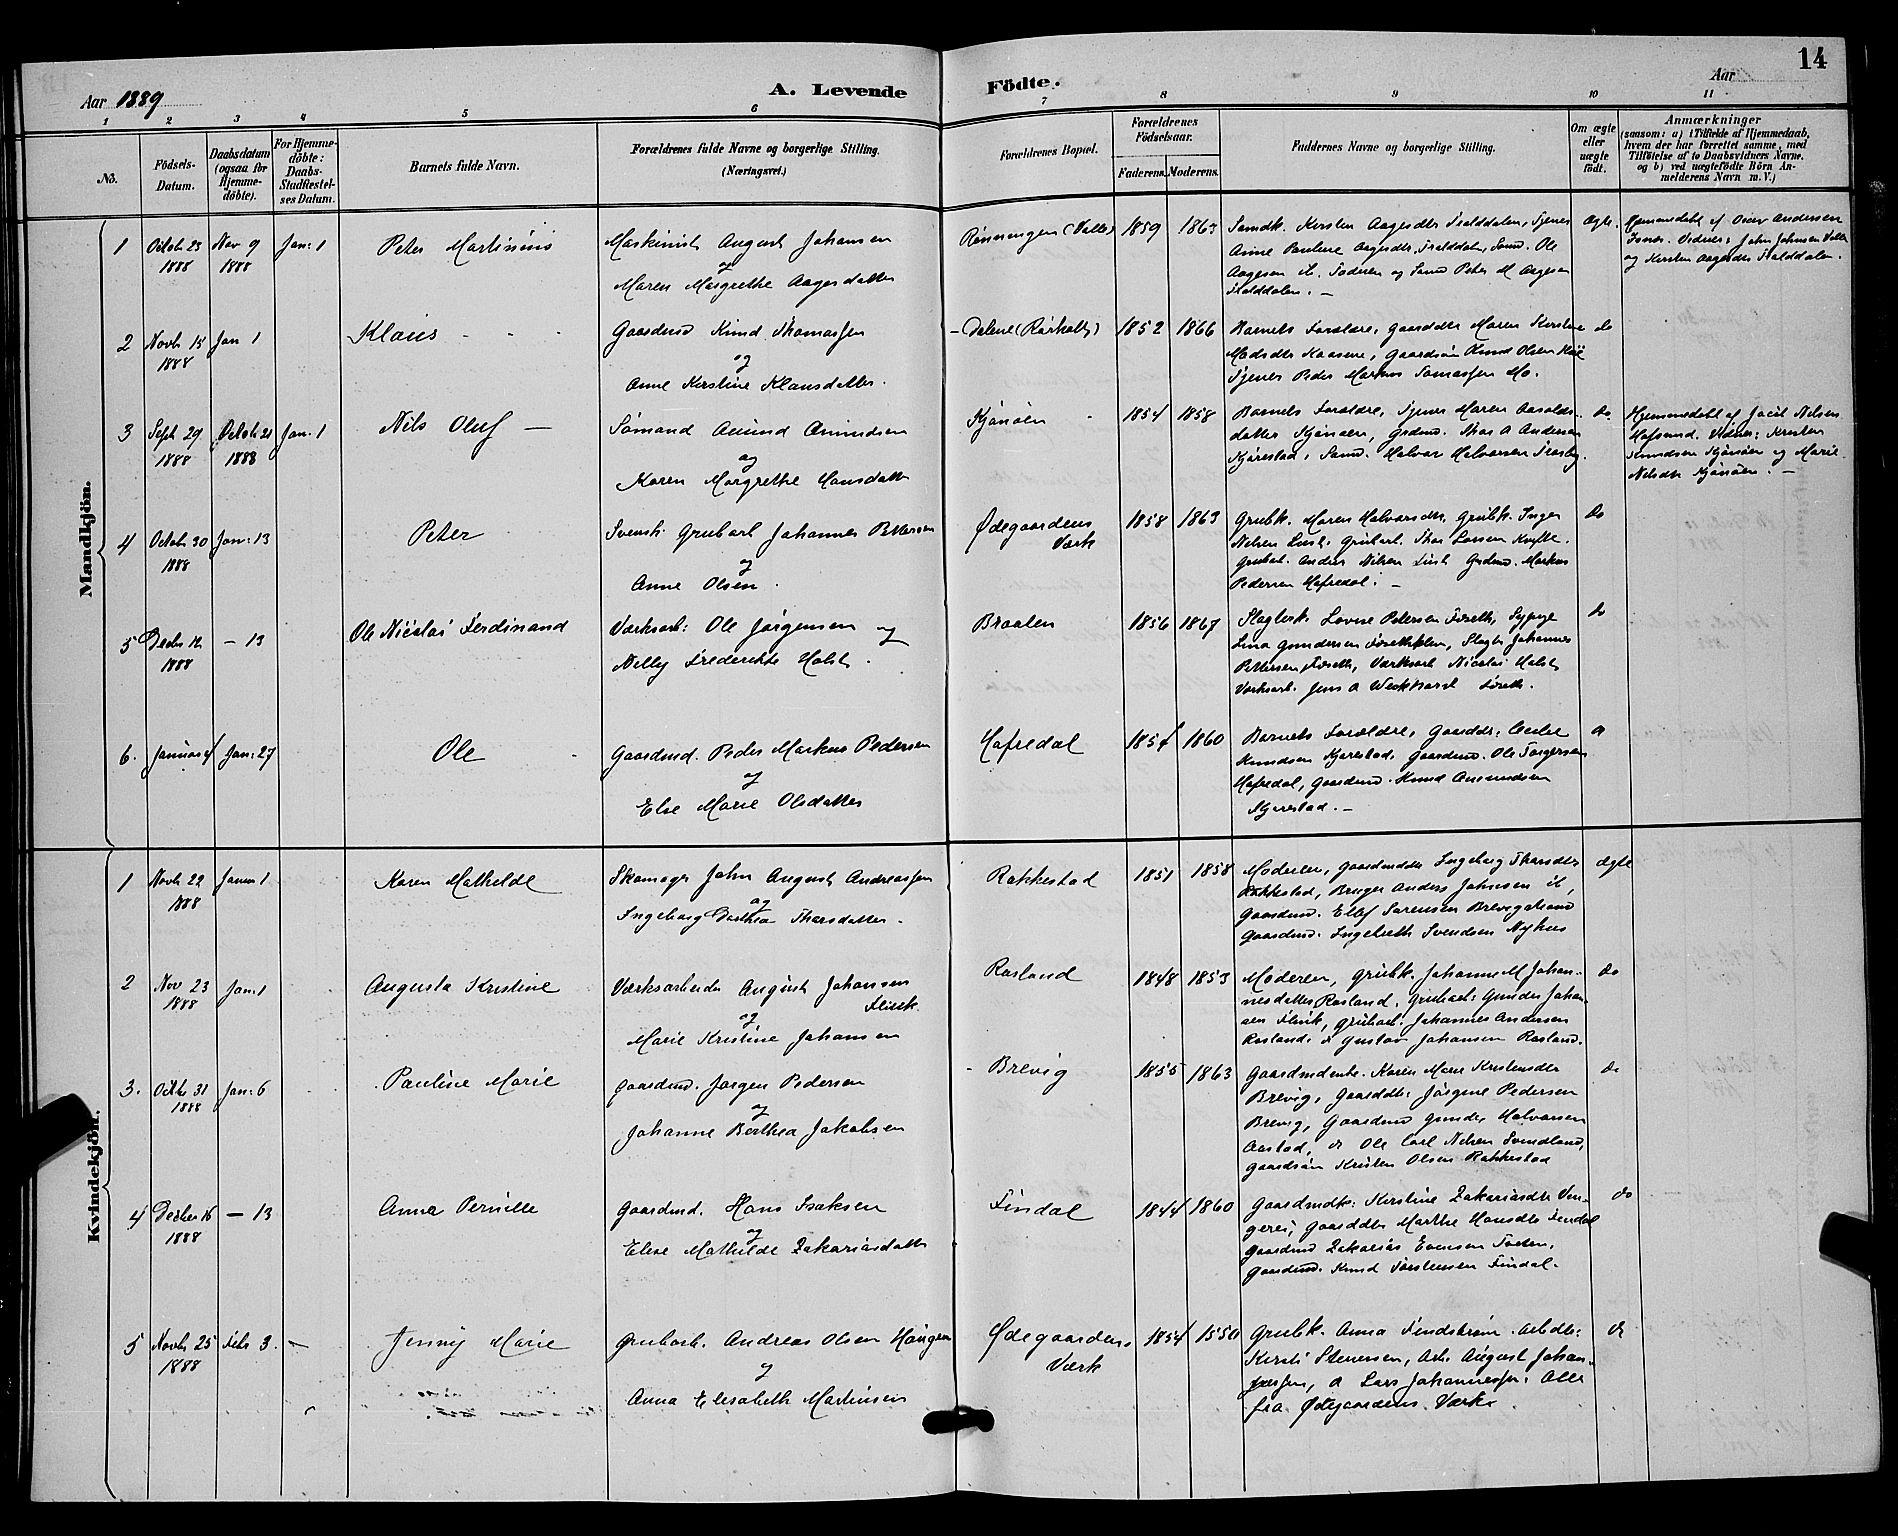 SAKO, Bamble kirkebøker, G/Ga/L0009: Klokkerbok nr. I 9, 1888-1900, s. 14